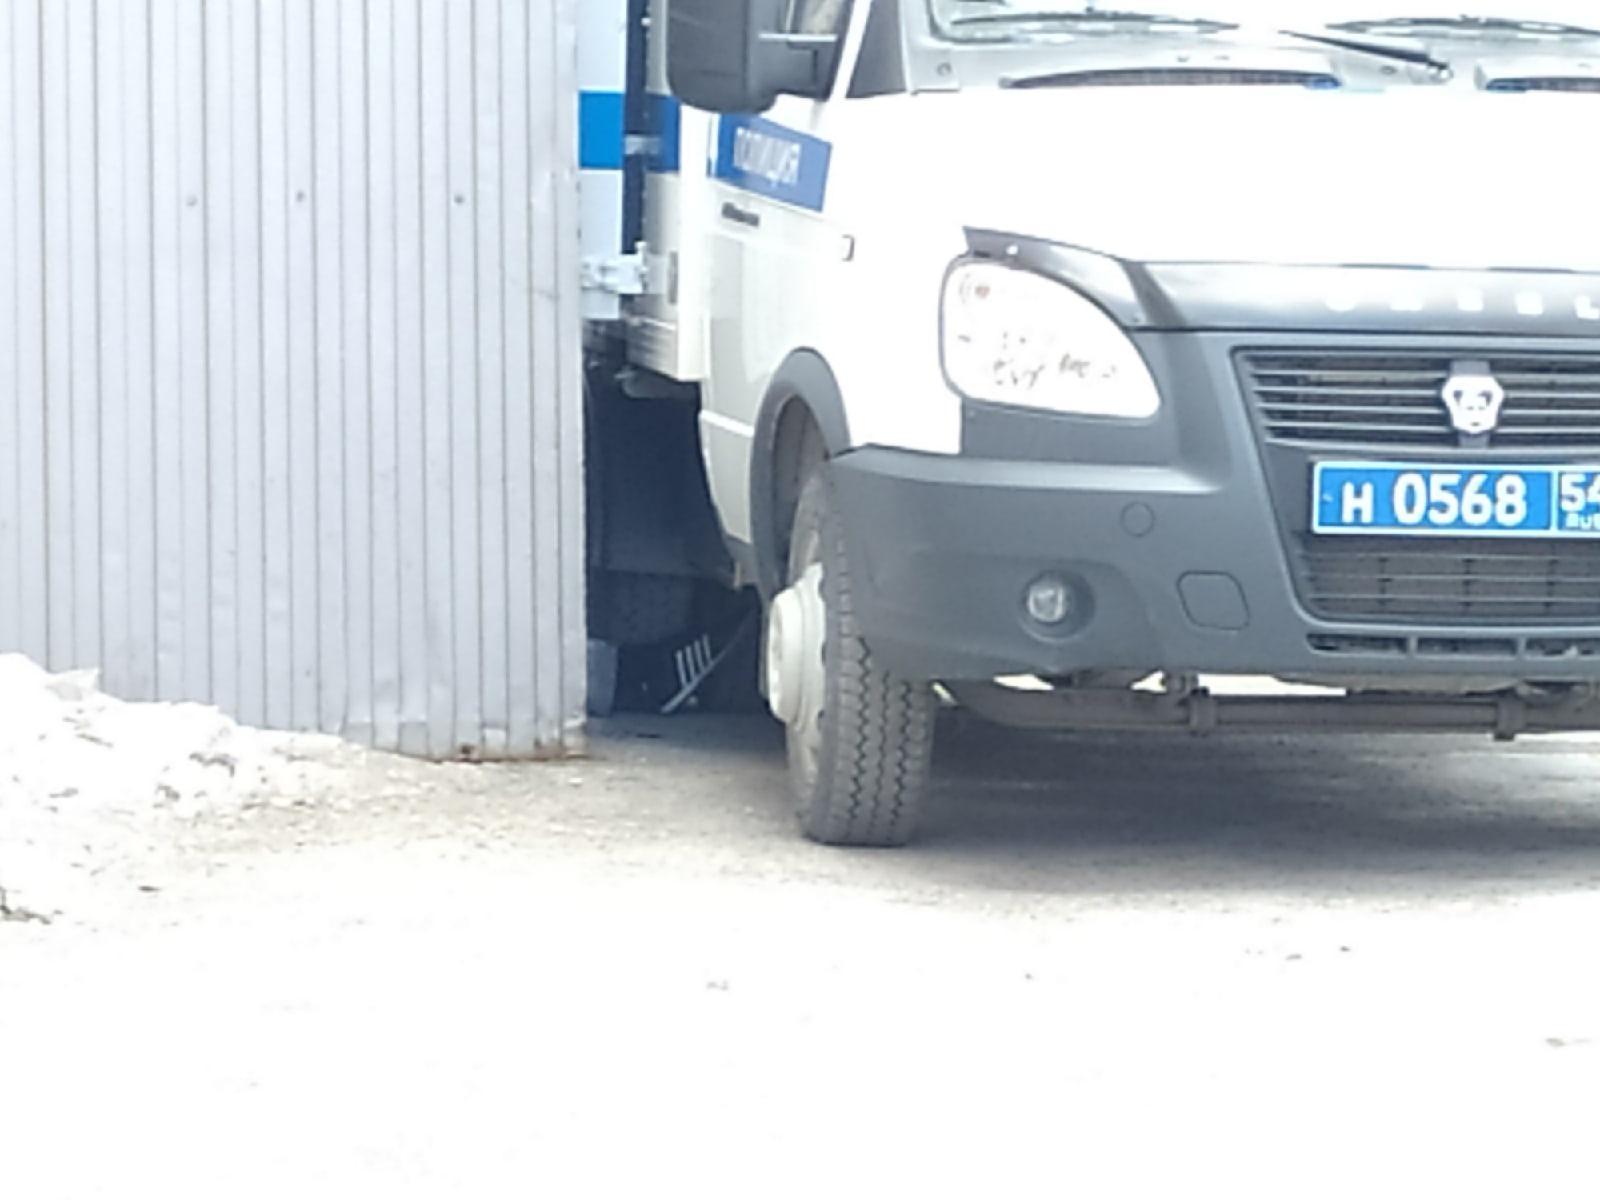 фото Появились фото с места смертельного задержания возле суда в Новосибирске 5